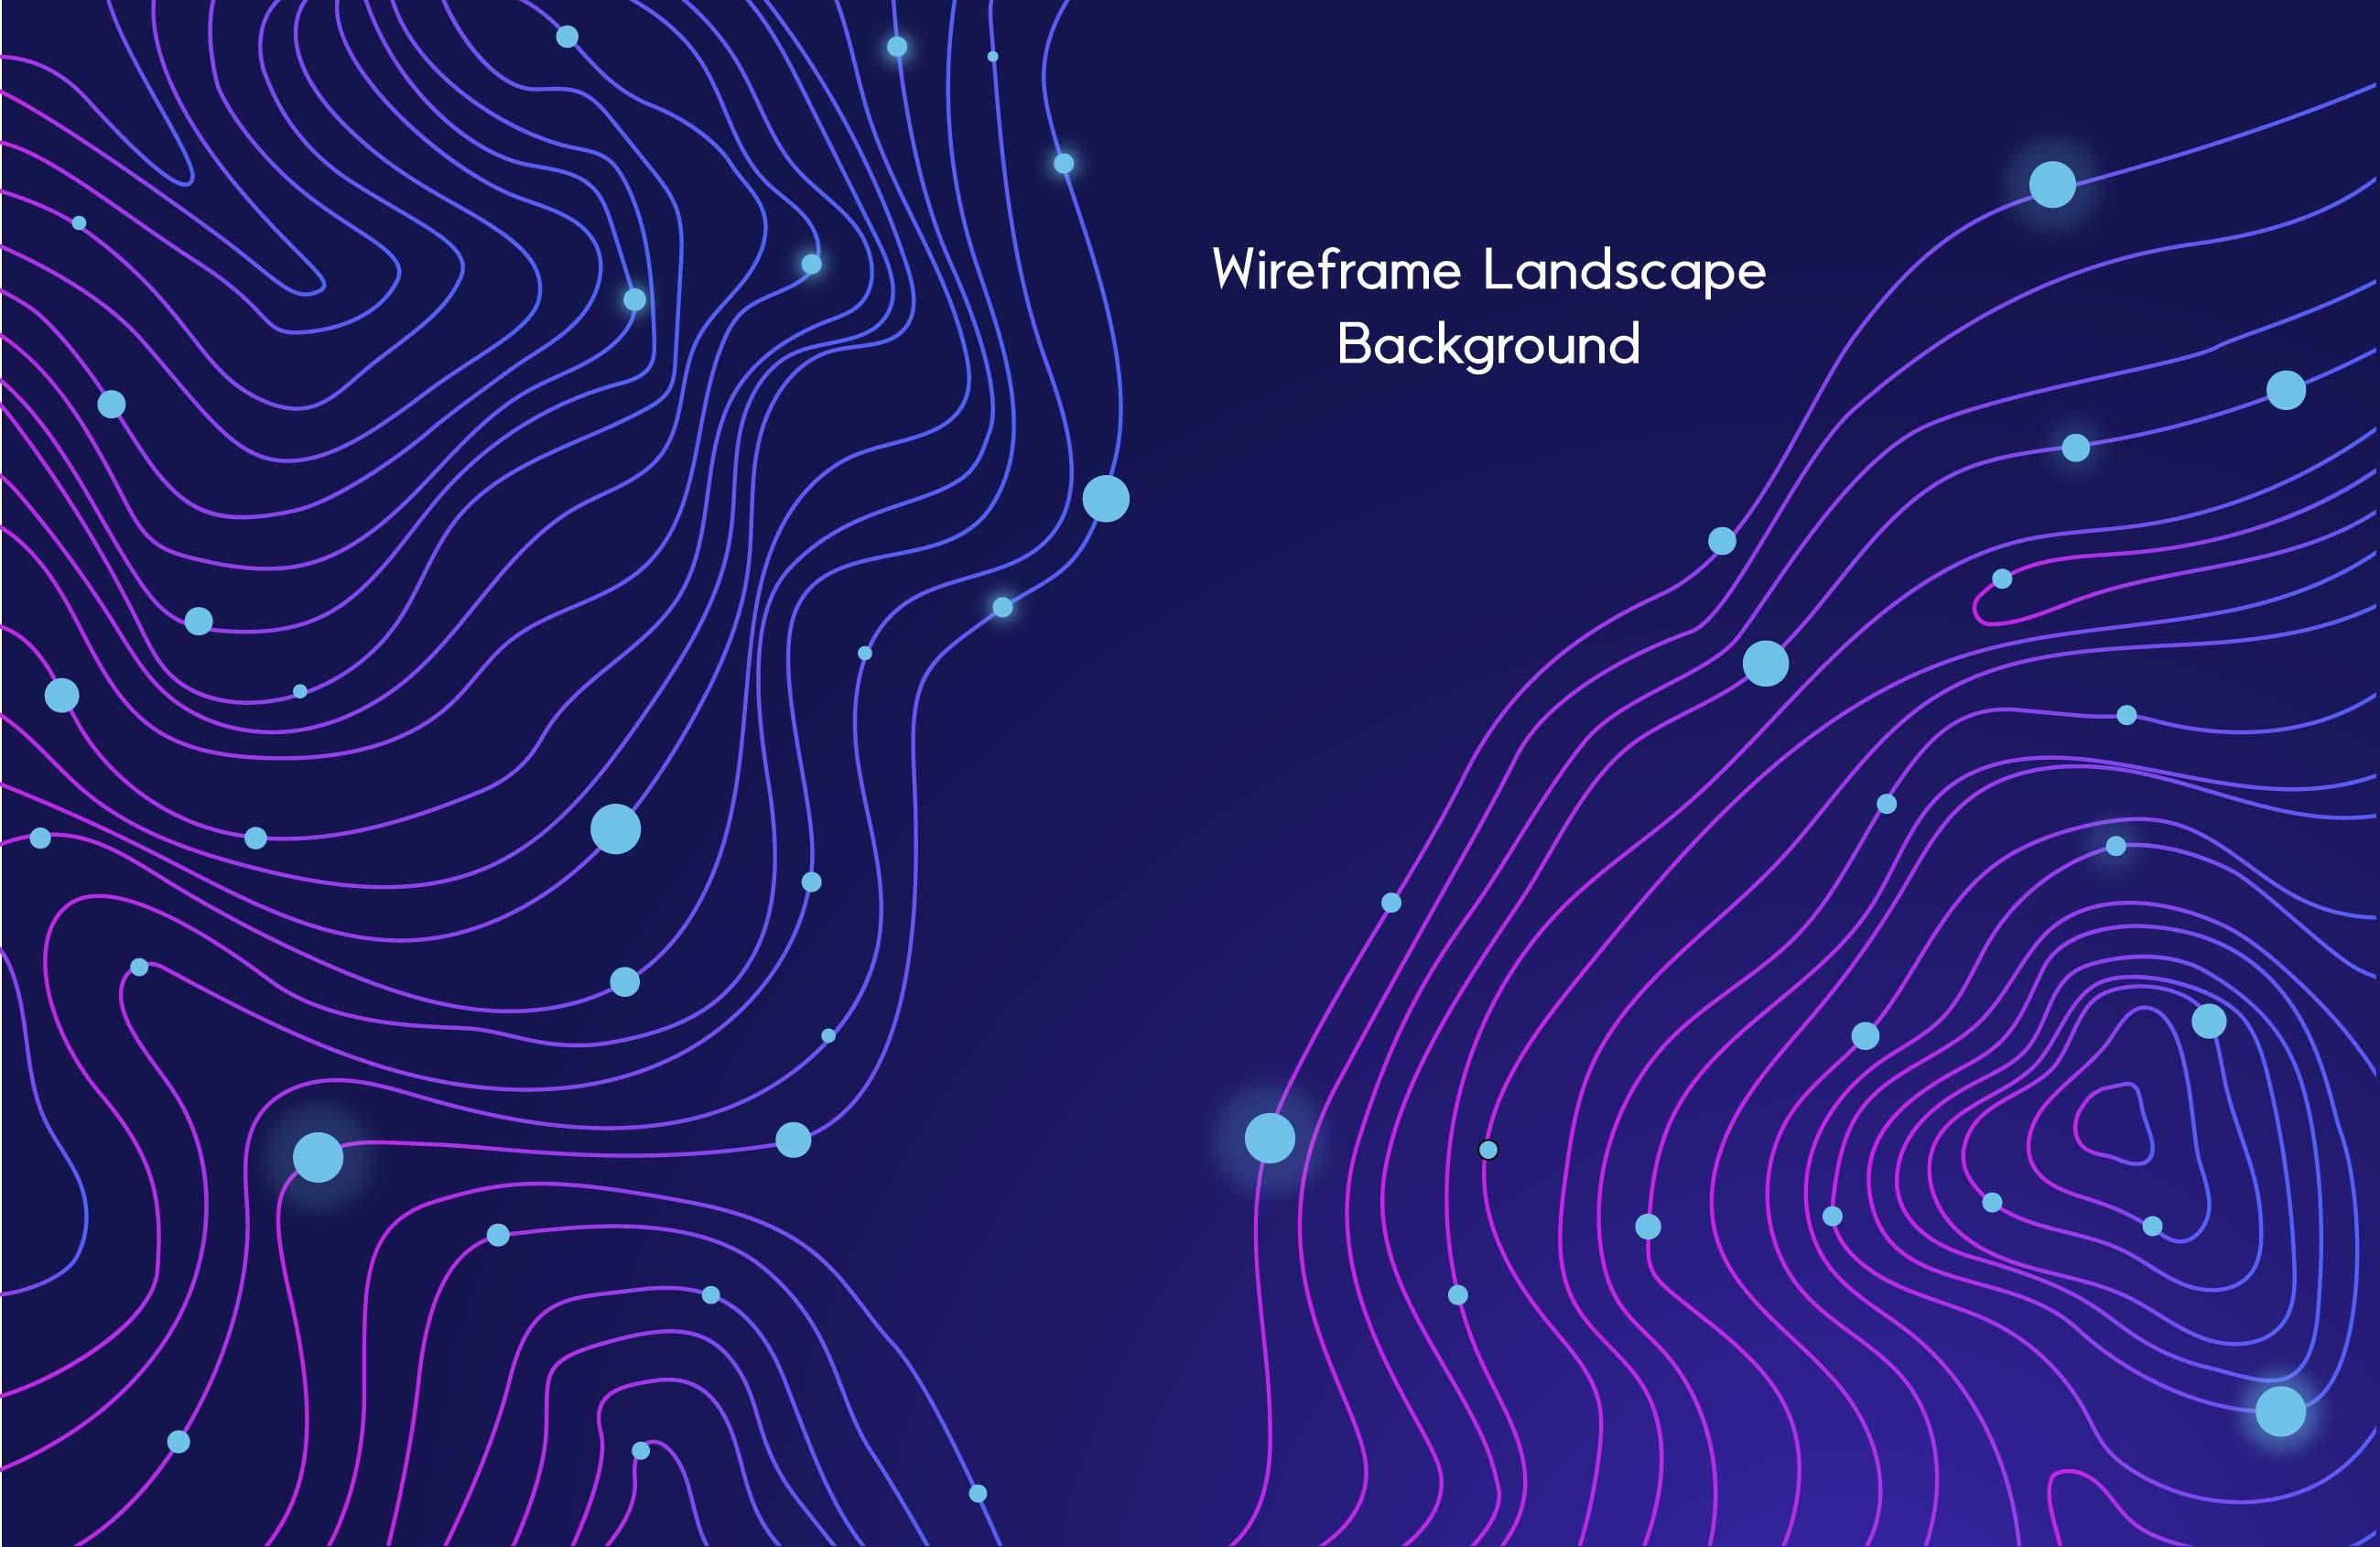 [单独购买] 9款未来科幻网络科技互联网大数据背景AI矢量素材 Big Data Vector Background插图8